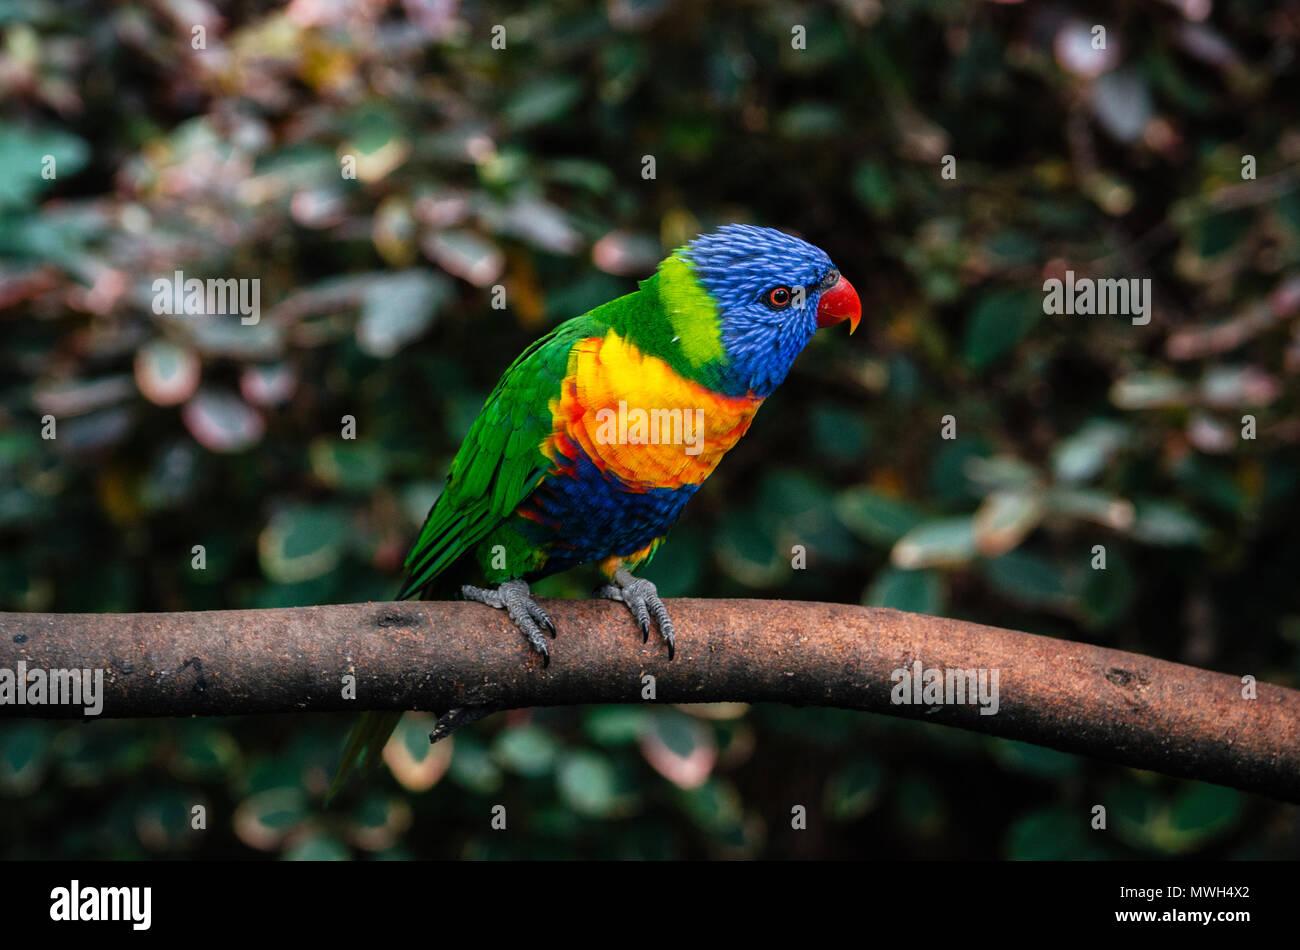 Lori o Loriinae colorido loro con cabeza azul se sienta en la rama de árbol en el bosque cercano arriba Foto de stock